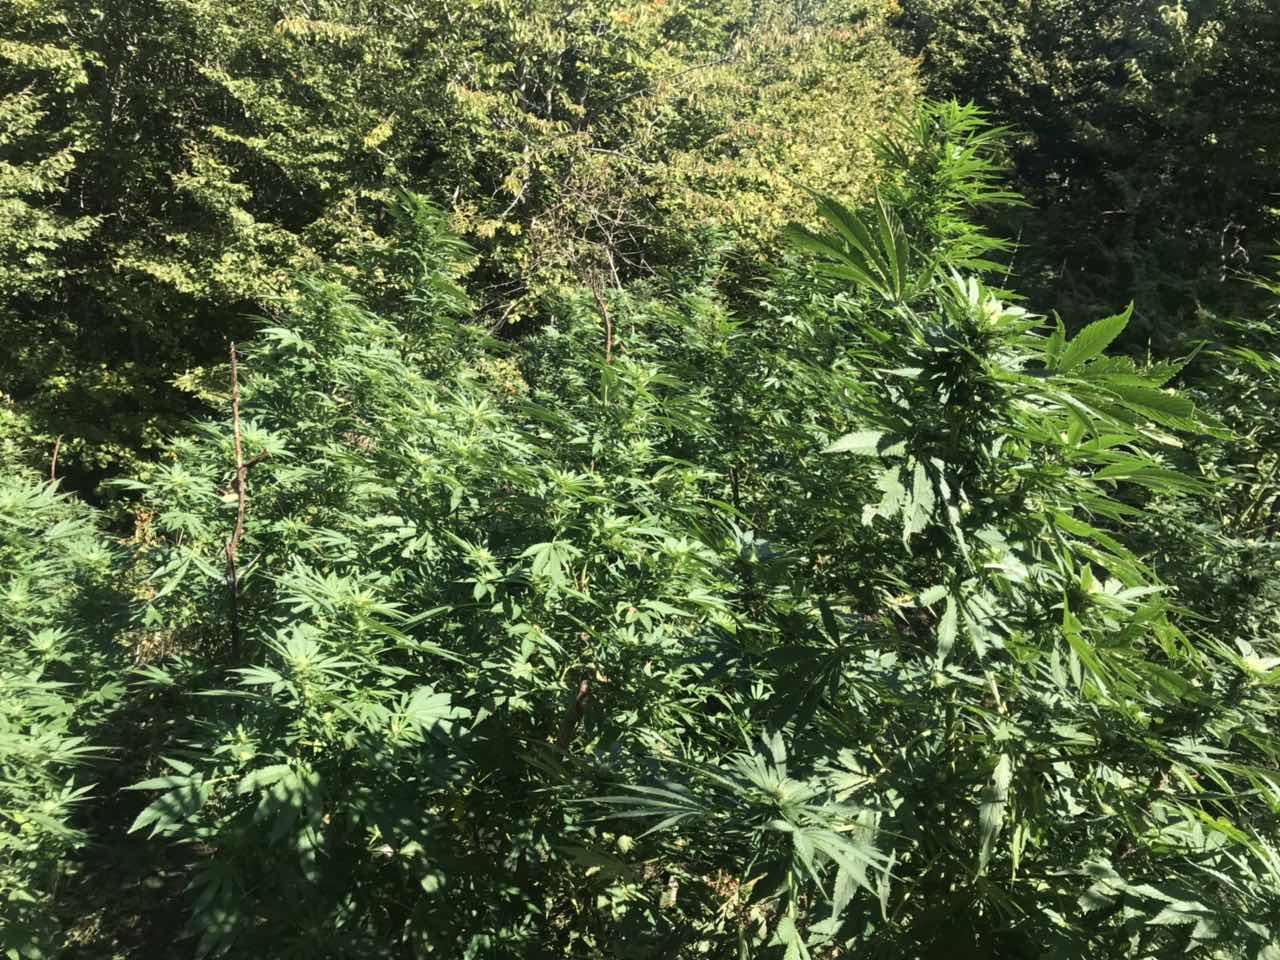 košare marihuana